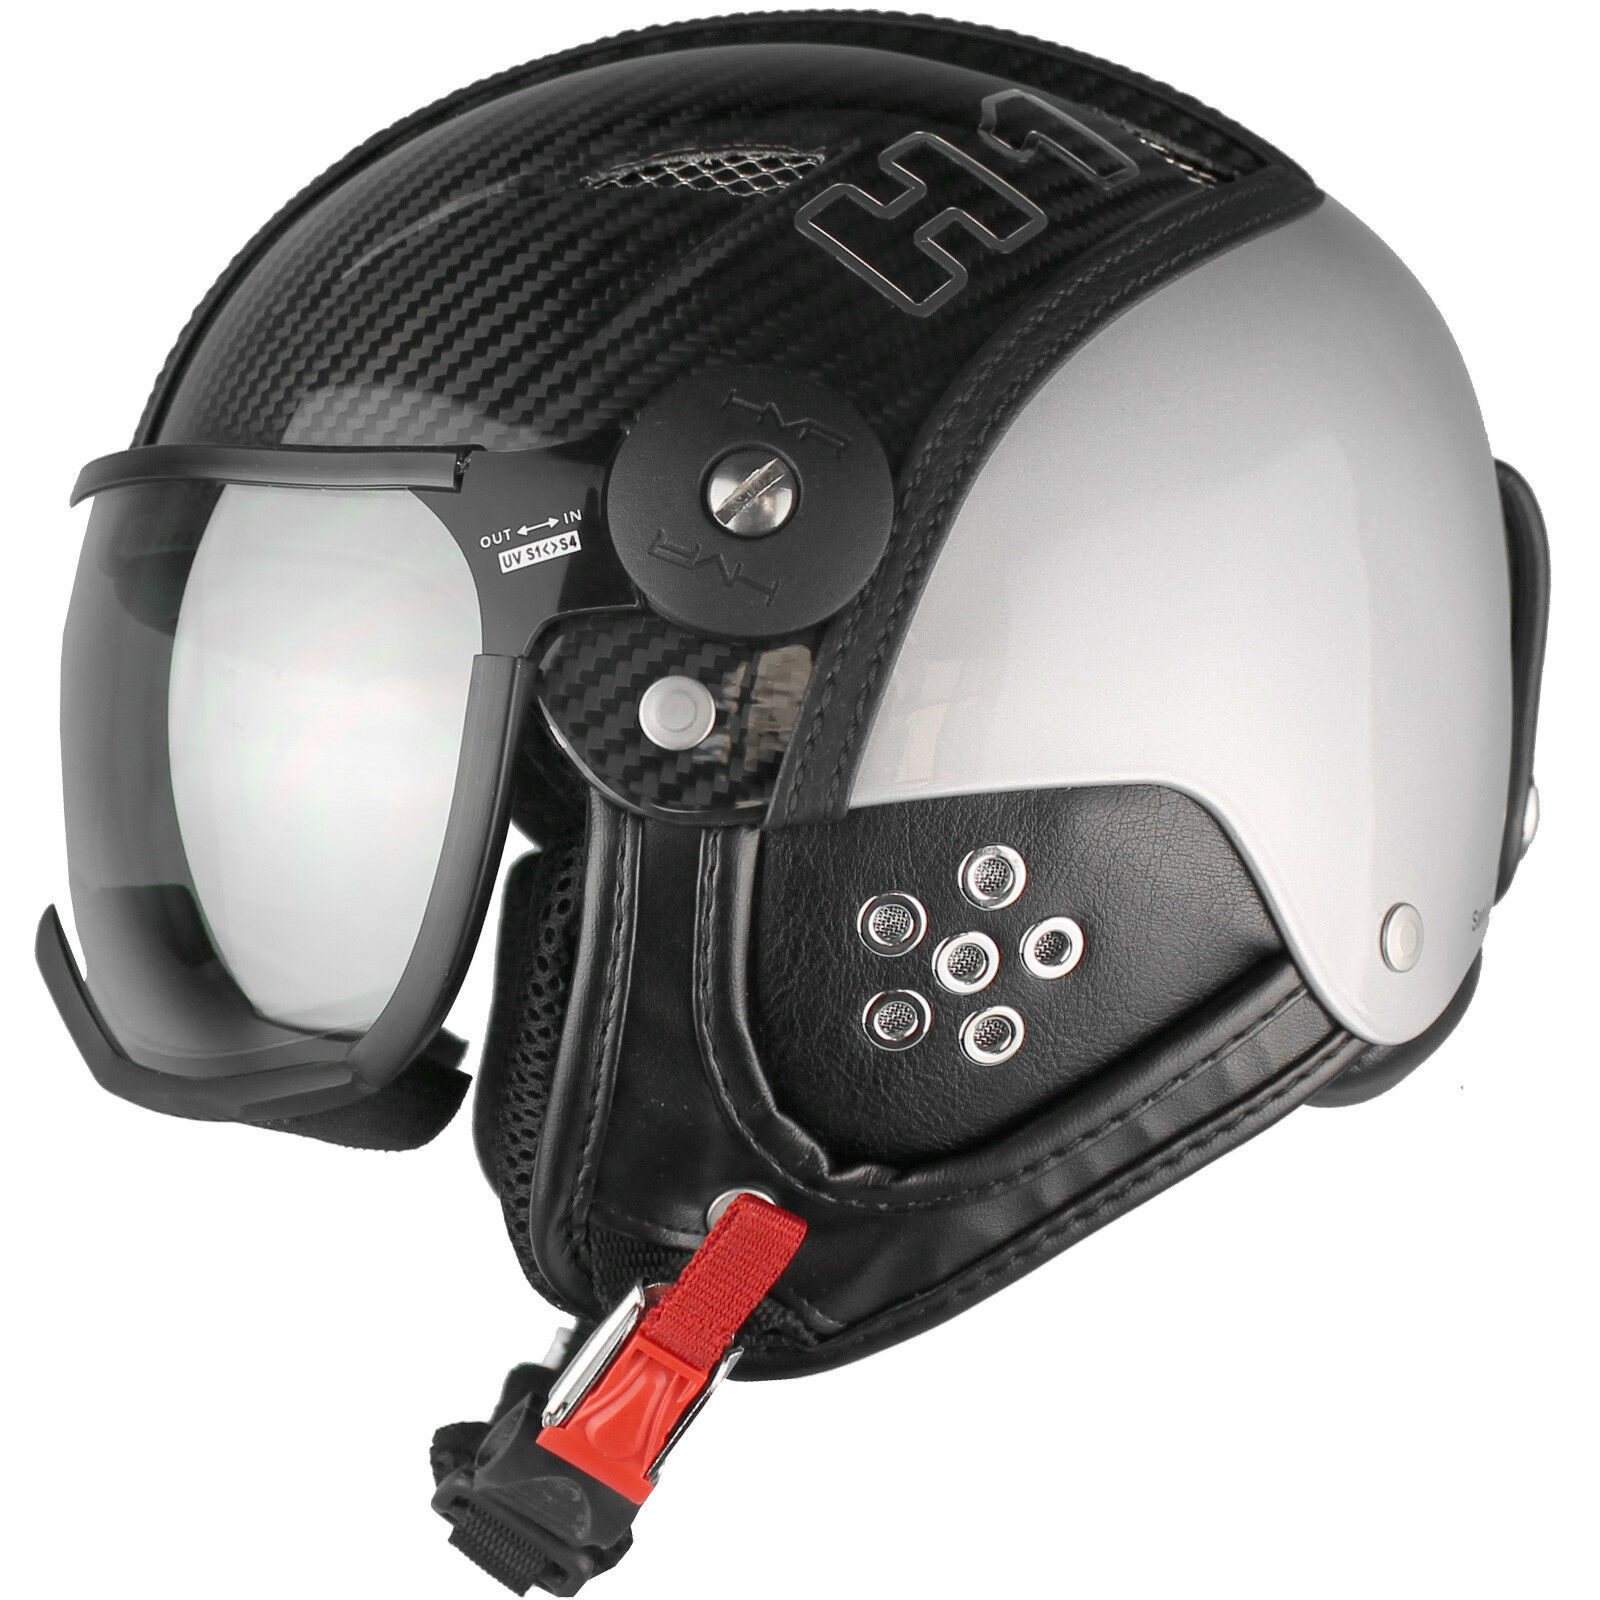 Hmr H1 Casco con Visera de Snowboard Esquí Protección Carbon